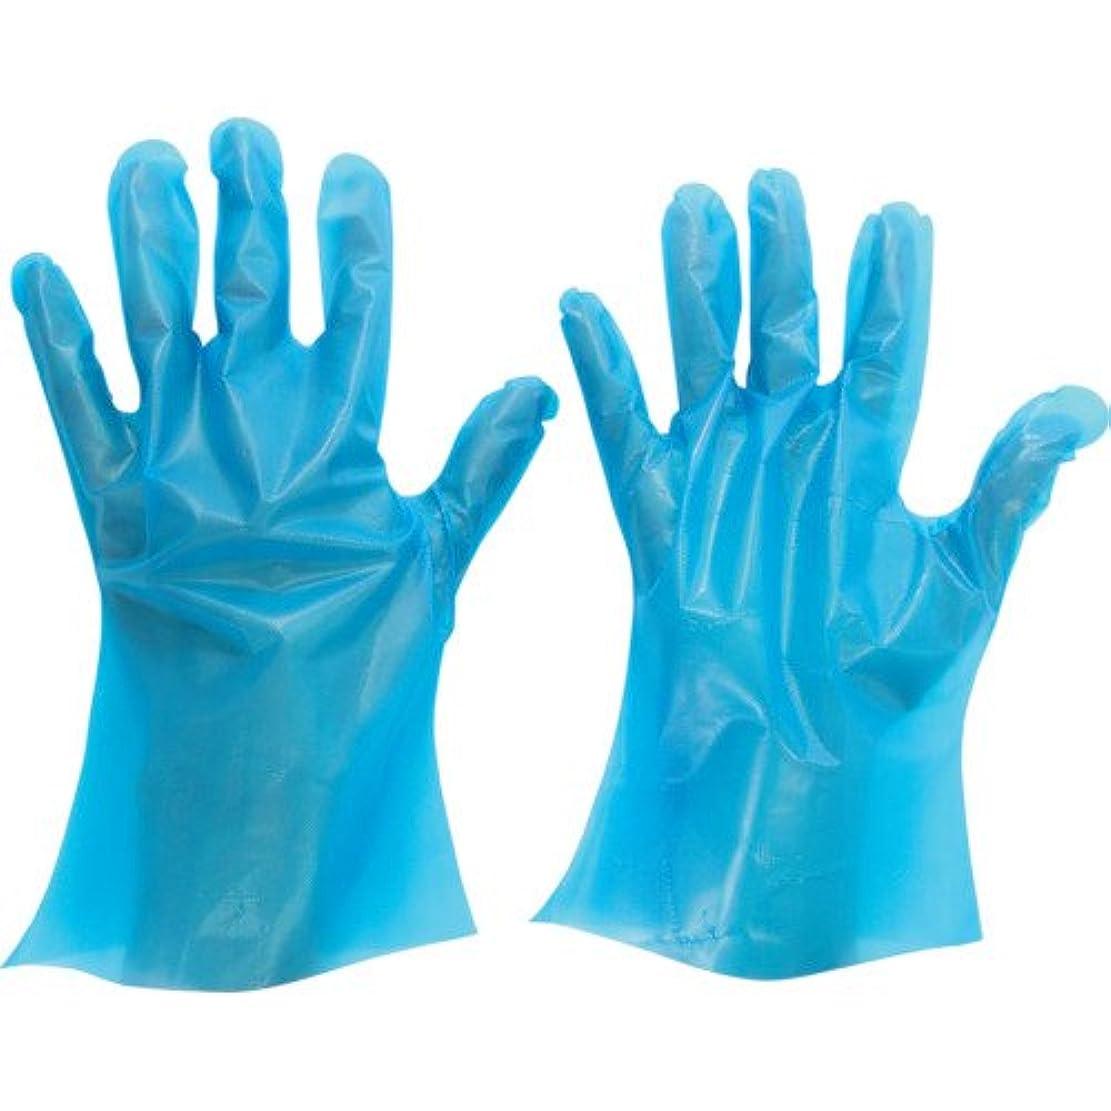 微生物パイロット手荷物ミドリ安全 ポリエチレン使い捨て手袋 厚手 外エンボス 200枚入 青 SS VERTE566NSS